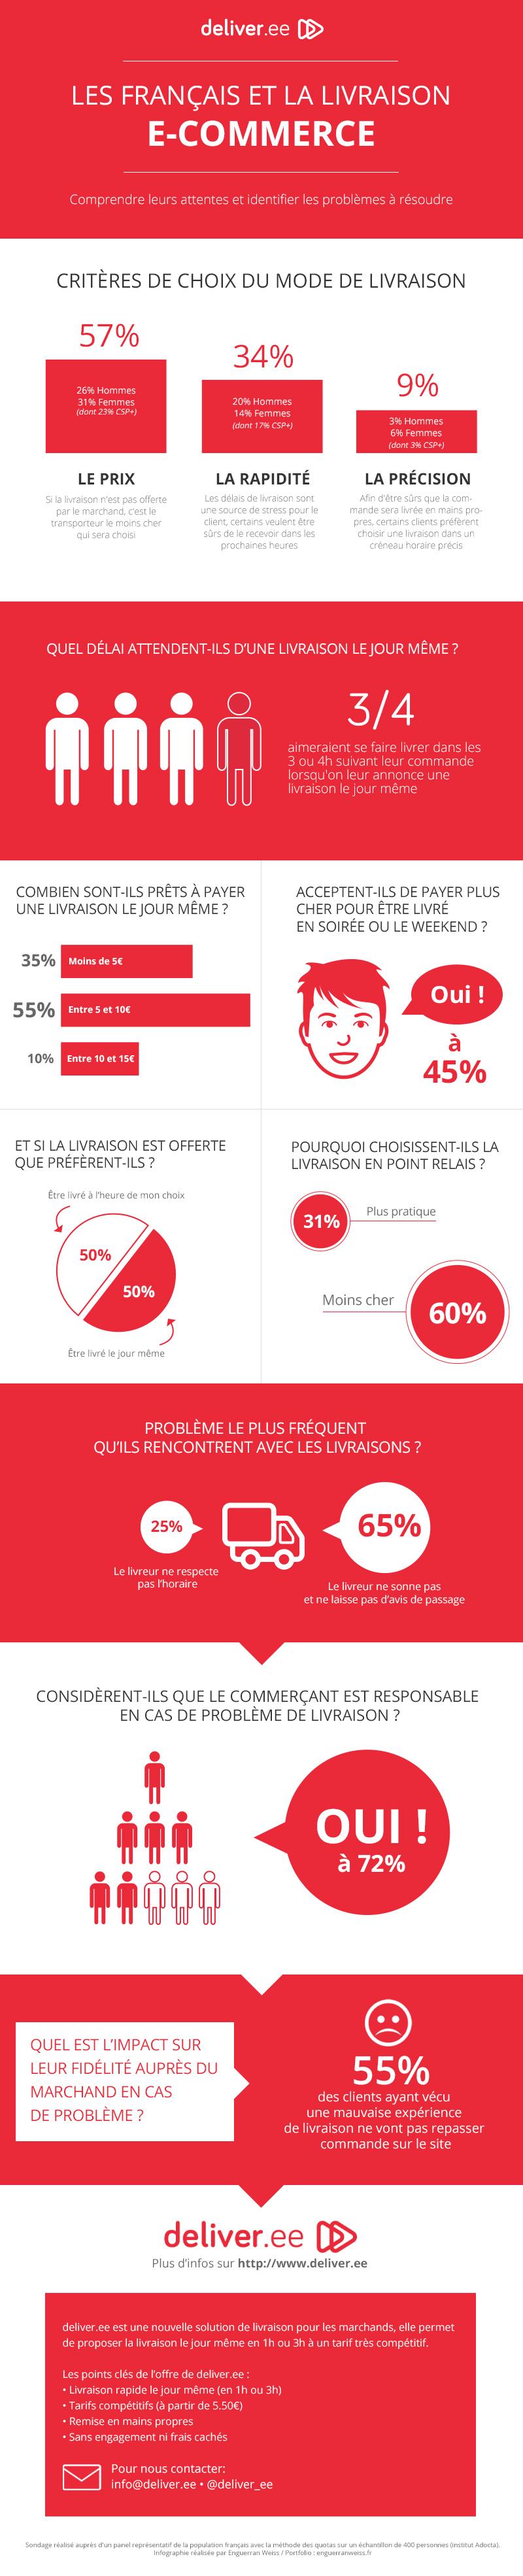 """deliver ee sondage Livraison Ecommerce 20141 - Les français sont prêts à payer plus chers pour avoir une livraison """"sur mesure"""""""